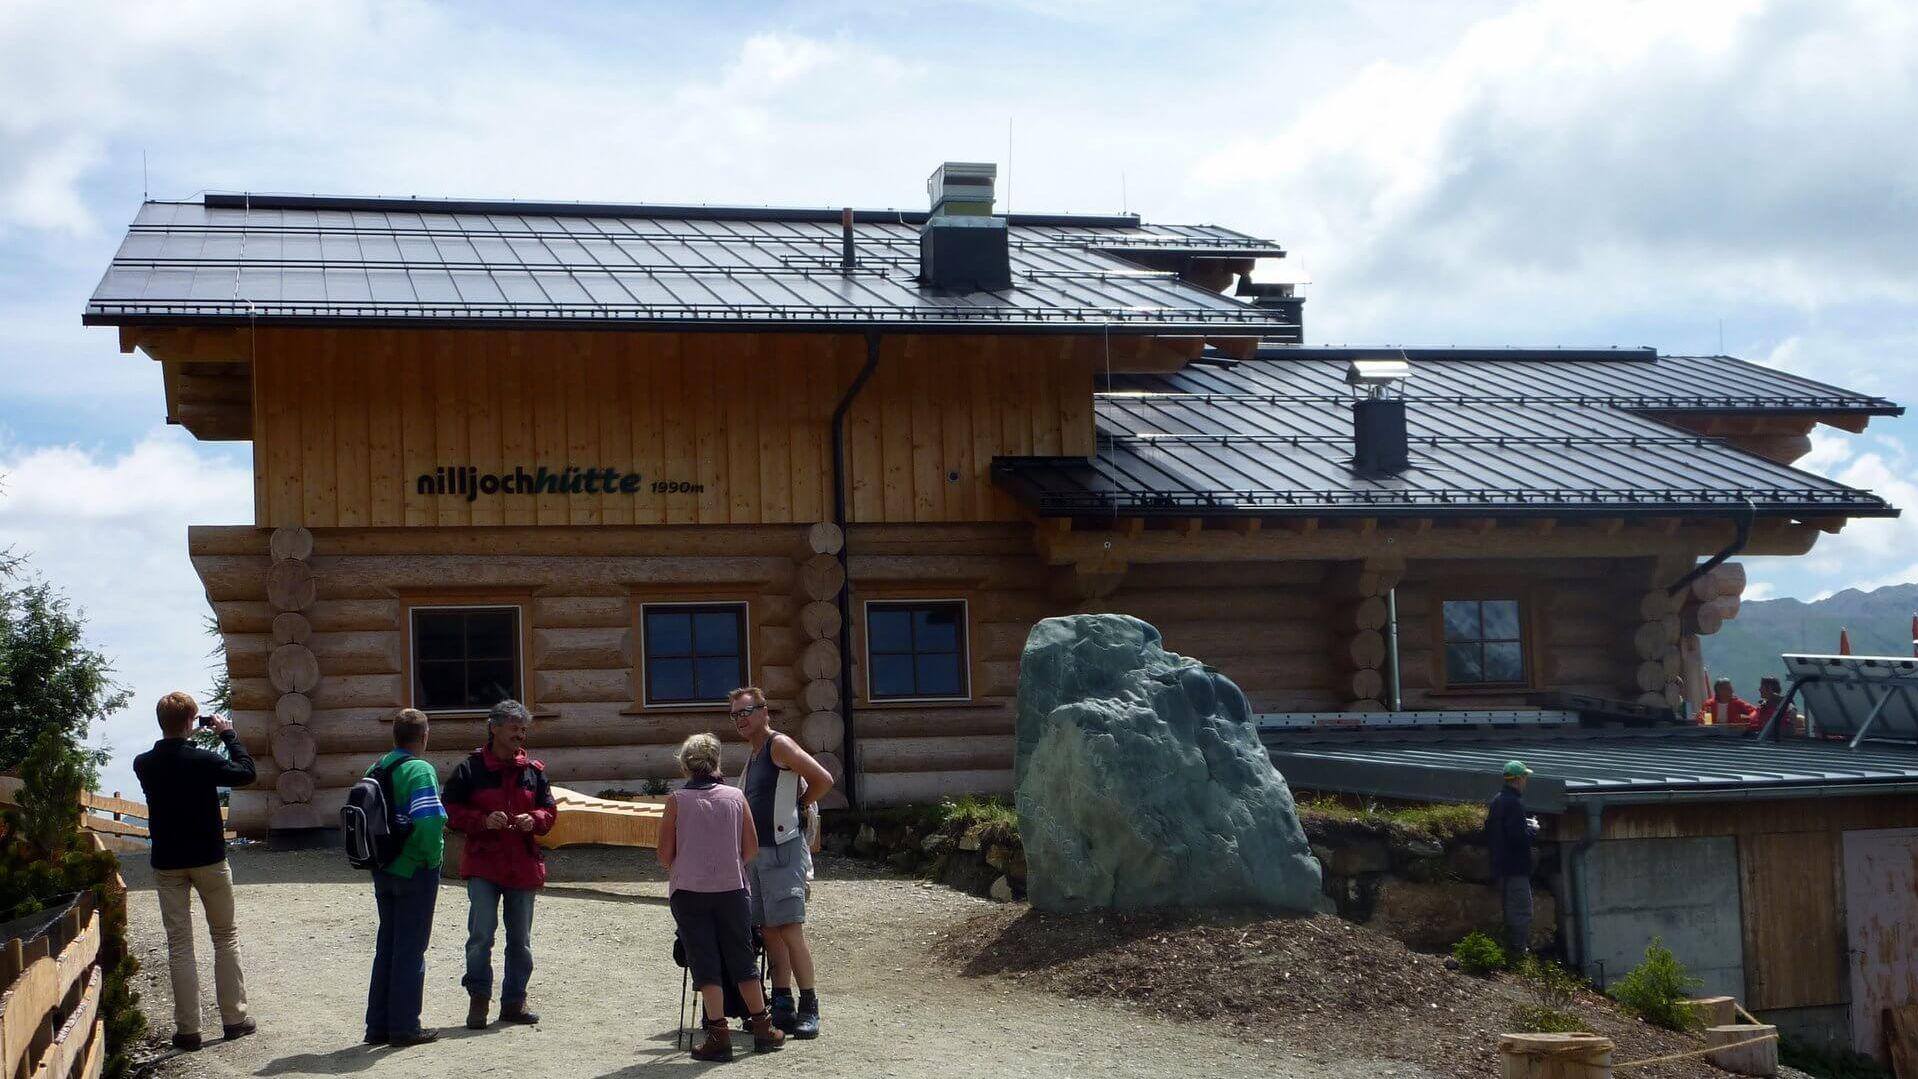 Nilljochhütte - (1.990 M) | Kinder- & Seniorfreundliche Berghütte in Osttirol